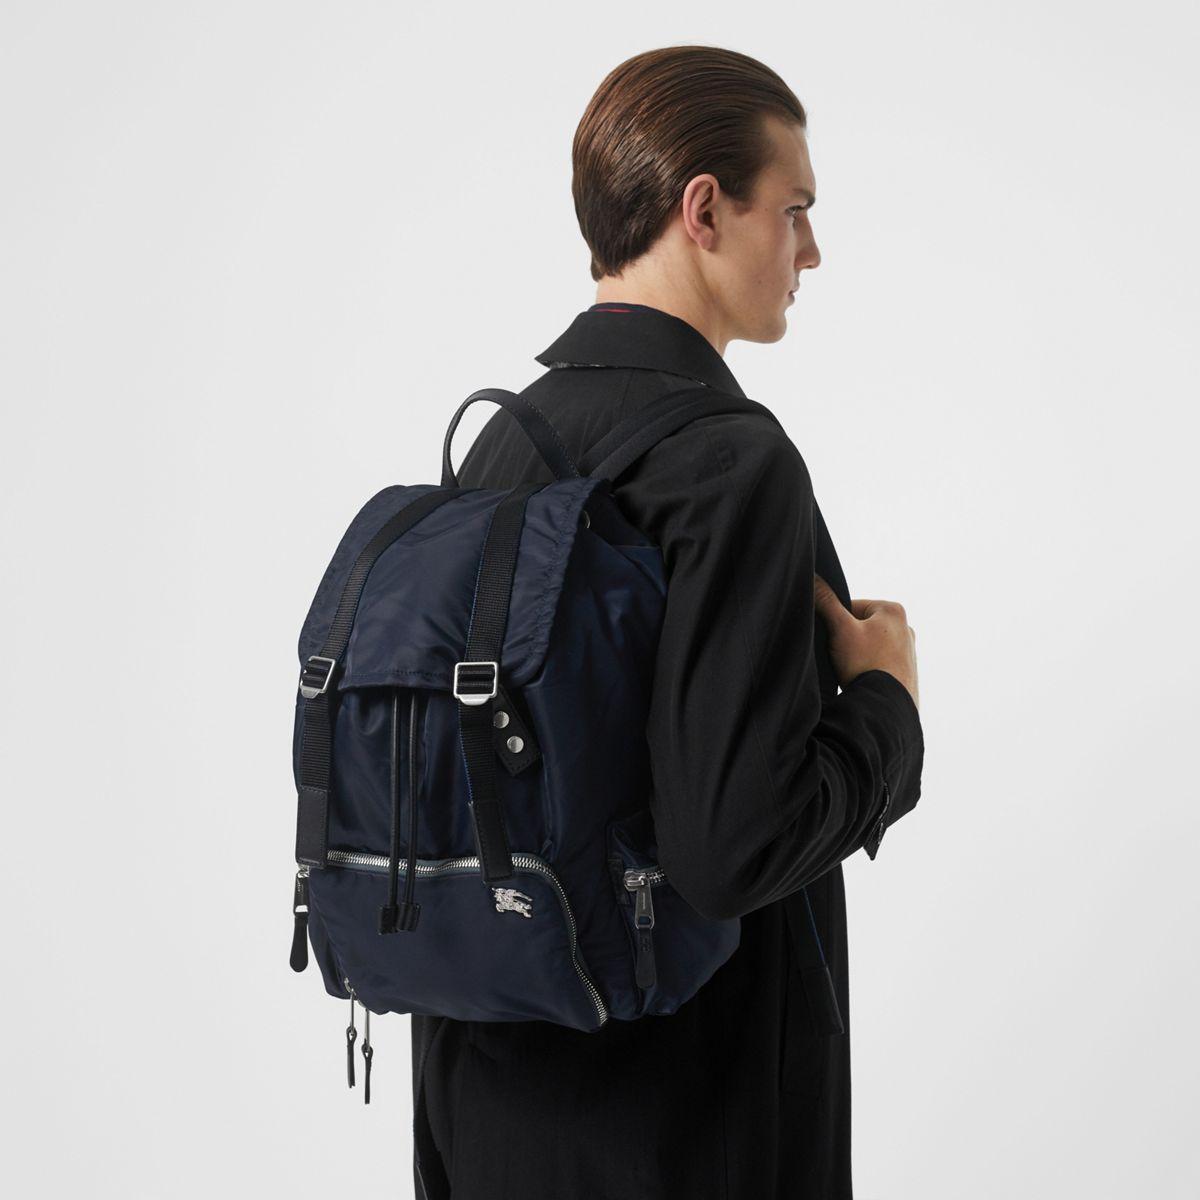 b31f5d4e3b0d Burberry - Blue Leather-trimmed Nylon Backpack for Men - Lyst. View  fullscreen